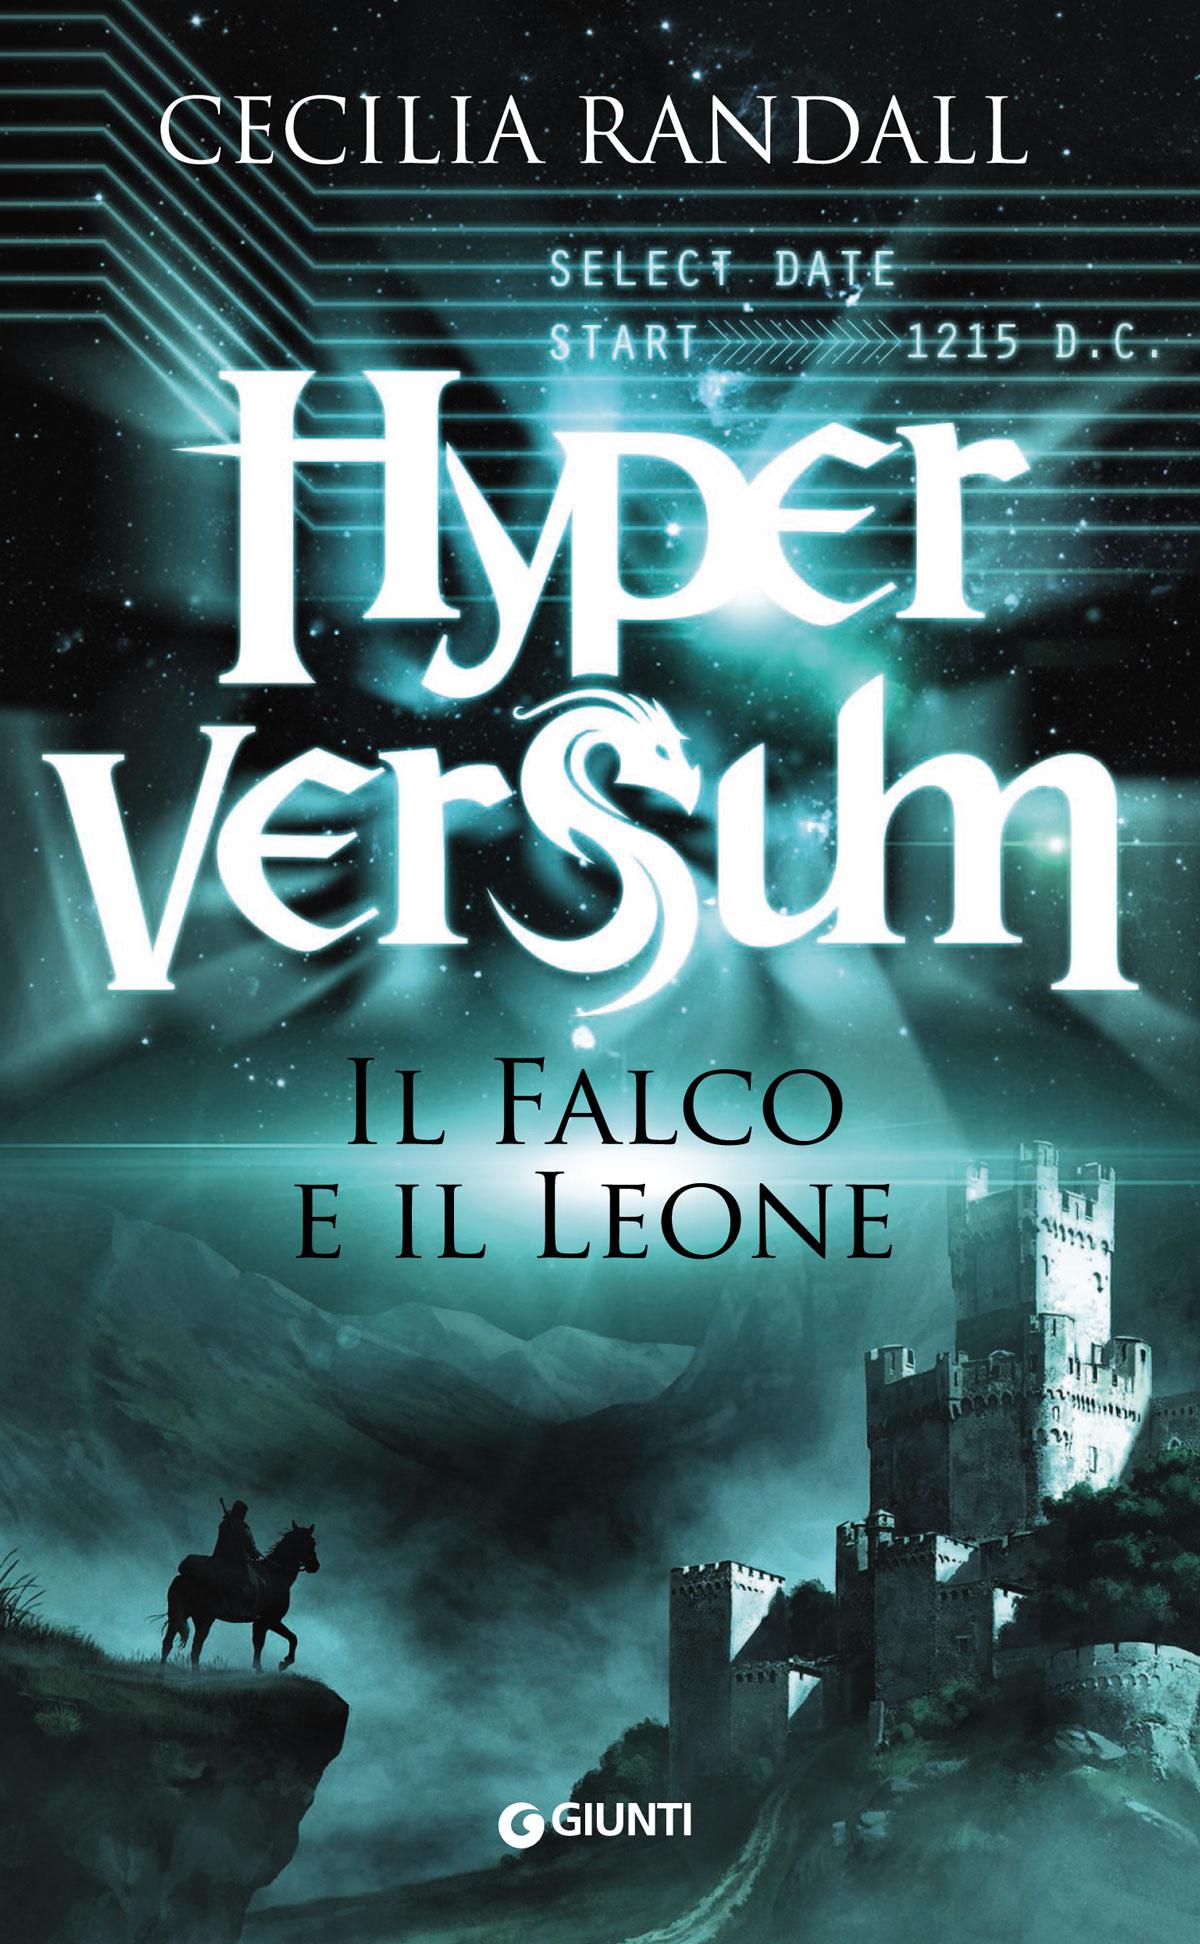 hiperversum2